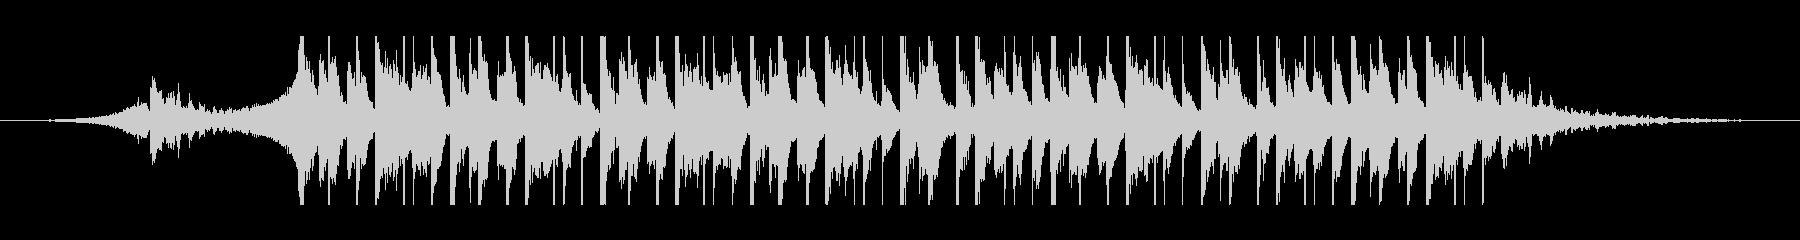 アラビア語(30秒)の未再生の波形